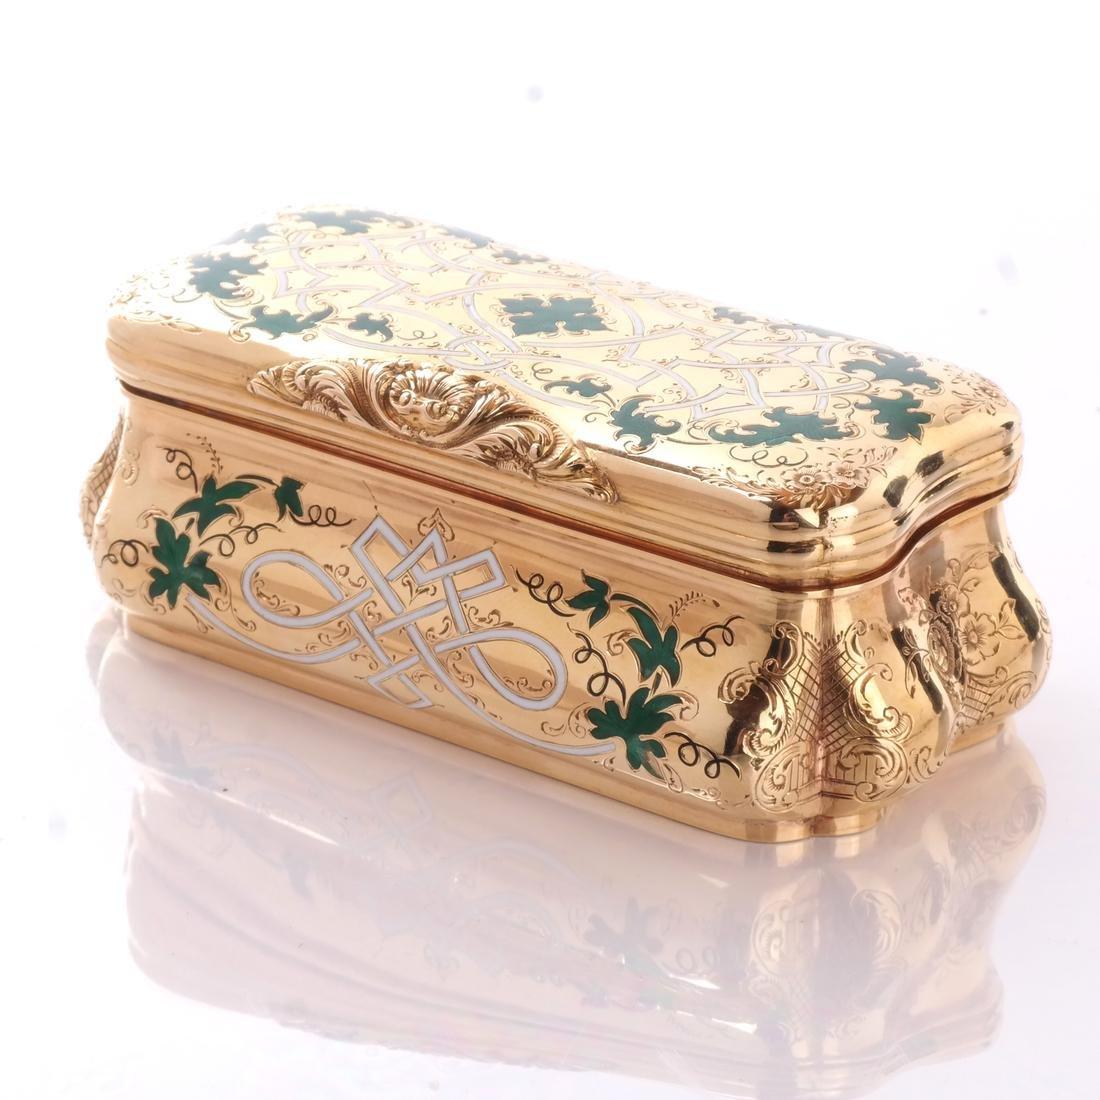 14k Yellow Gold & Enamel Box